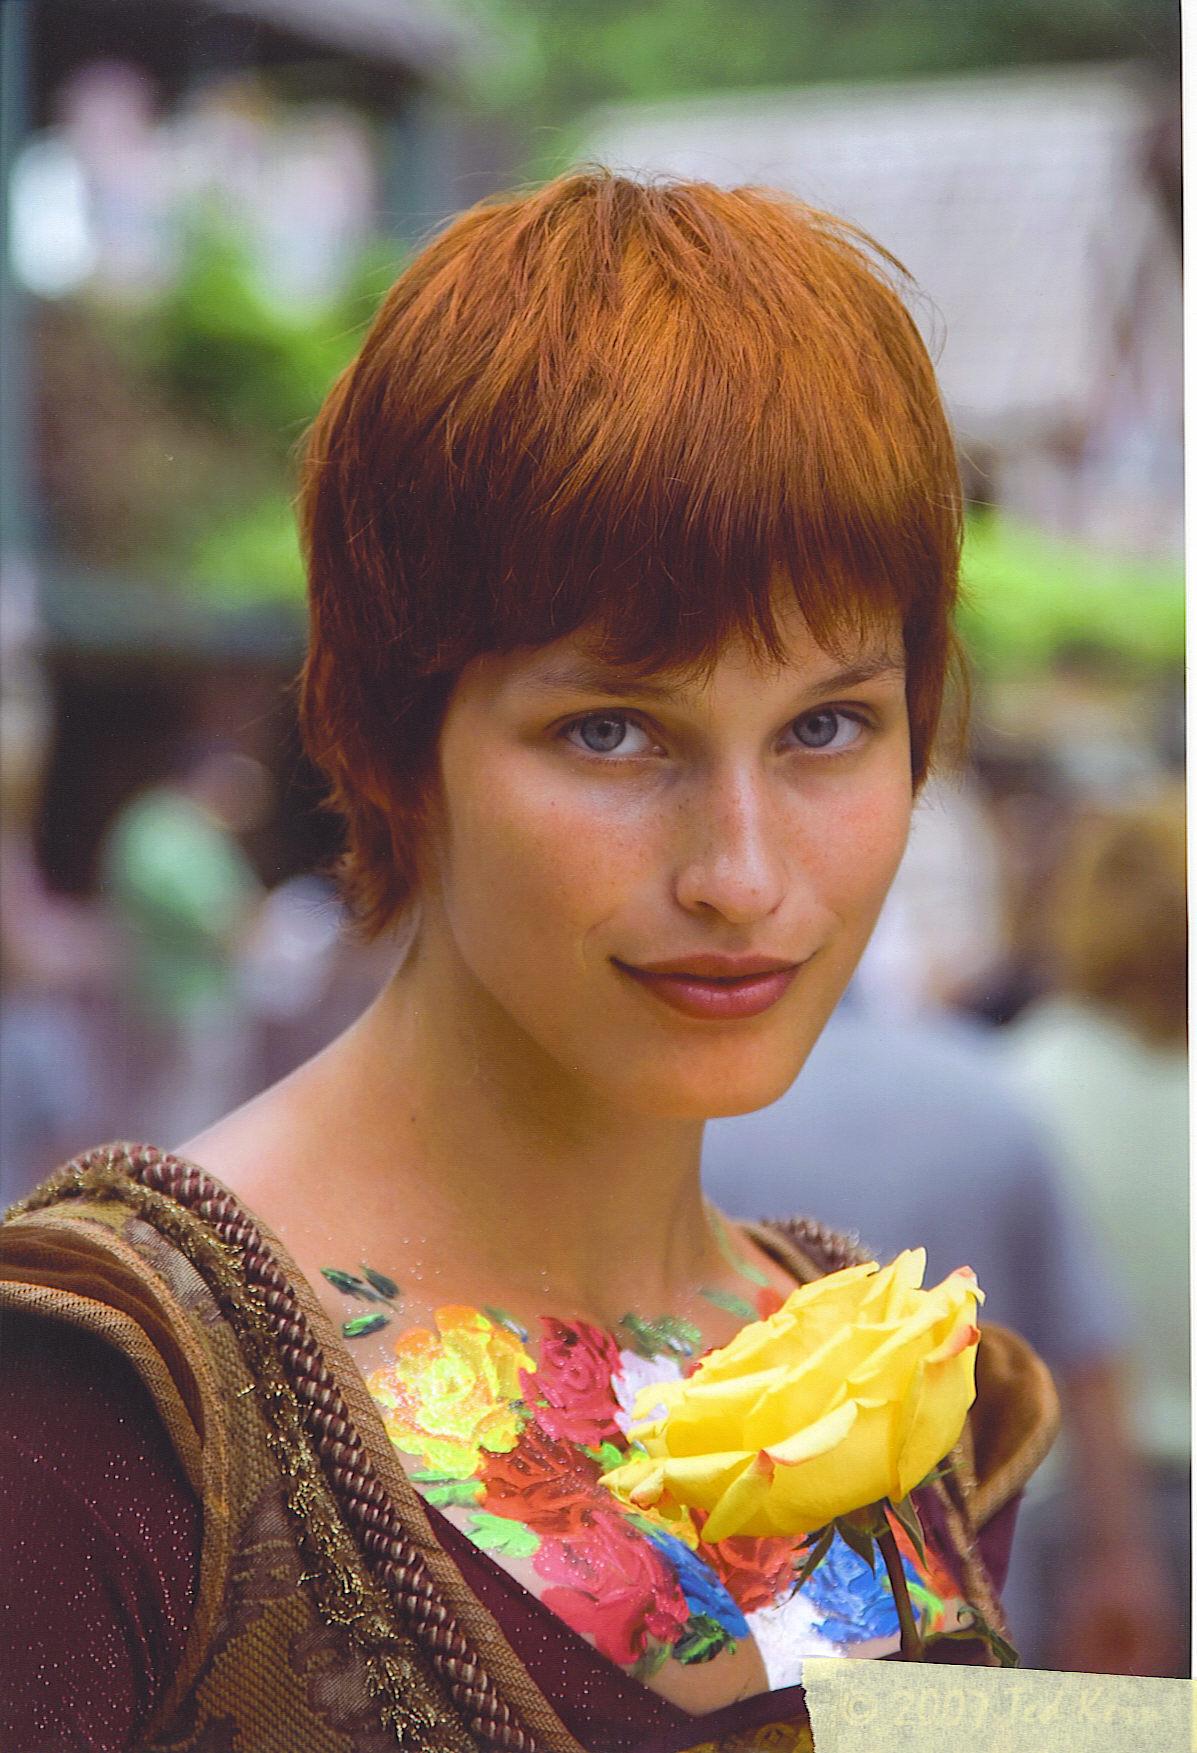 Brenna Garcia (b. 2004) images